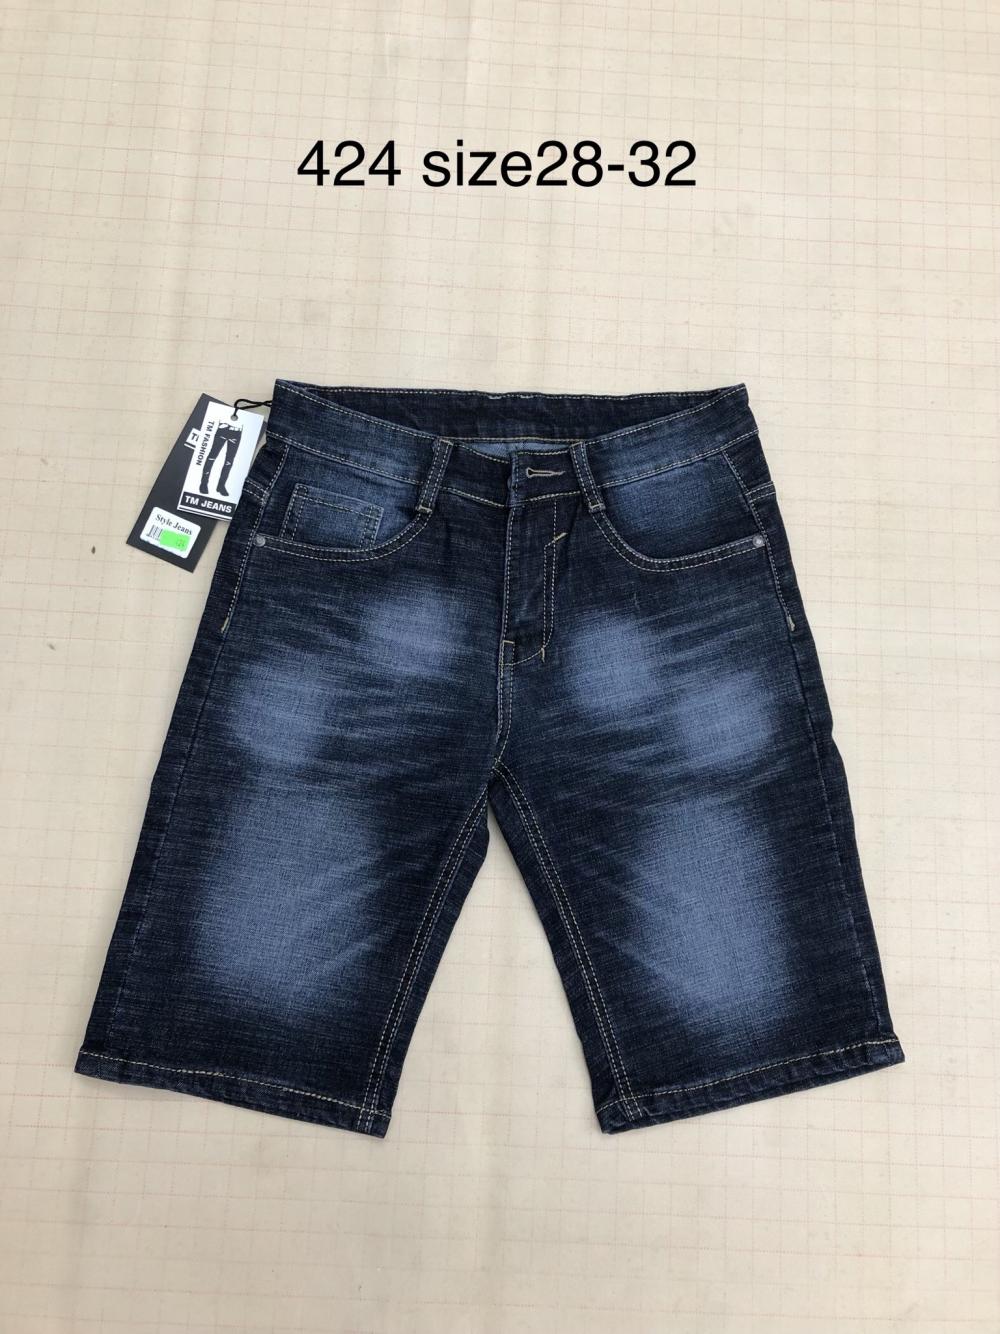 Quần jean short nam 424